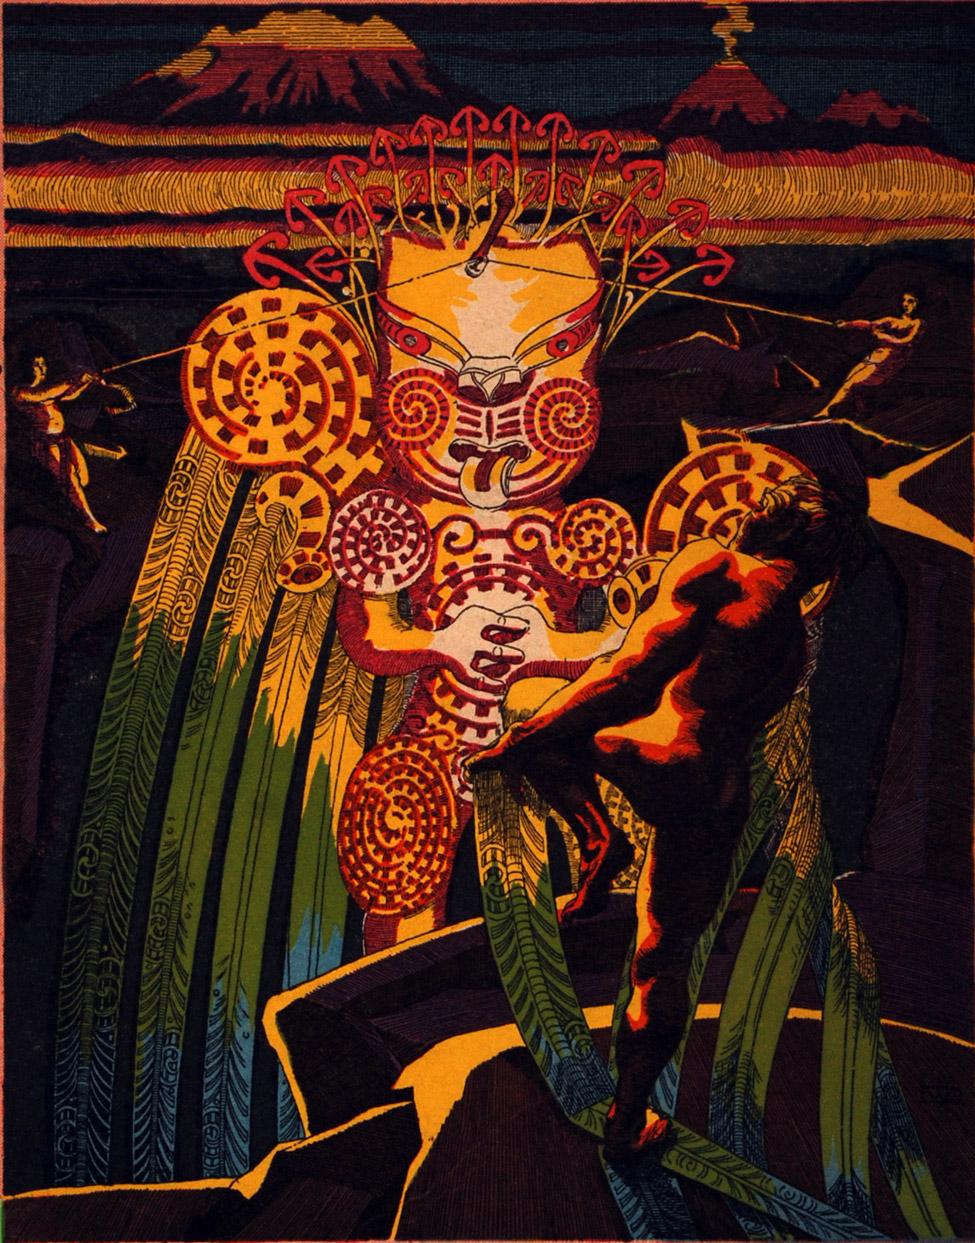 A. W. Reed. <i>Maui: Legends of the Demigod of Polynesia</i>. Wellington: A. H. & A. W. Reed, 1943.